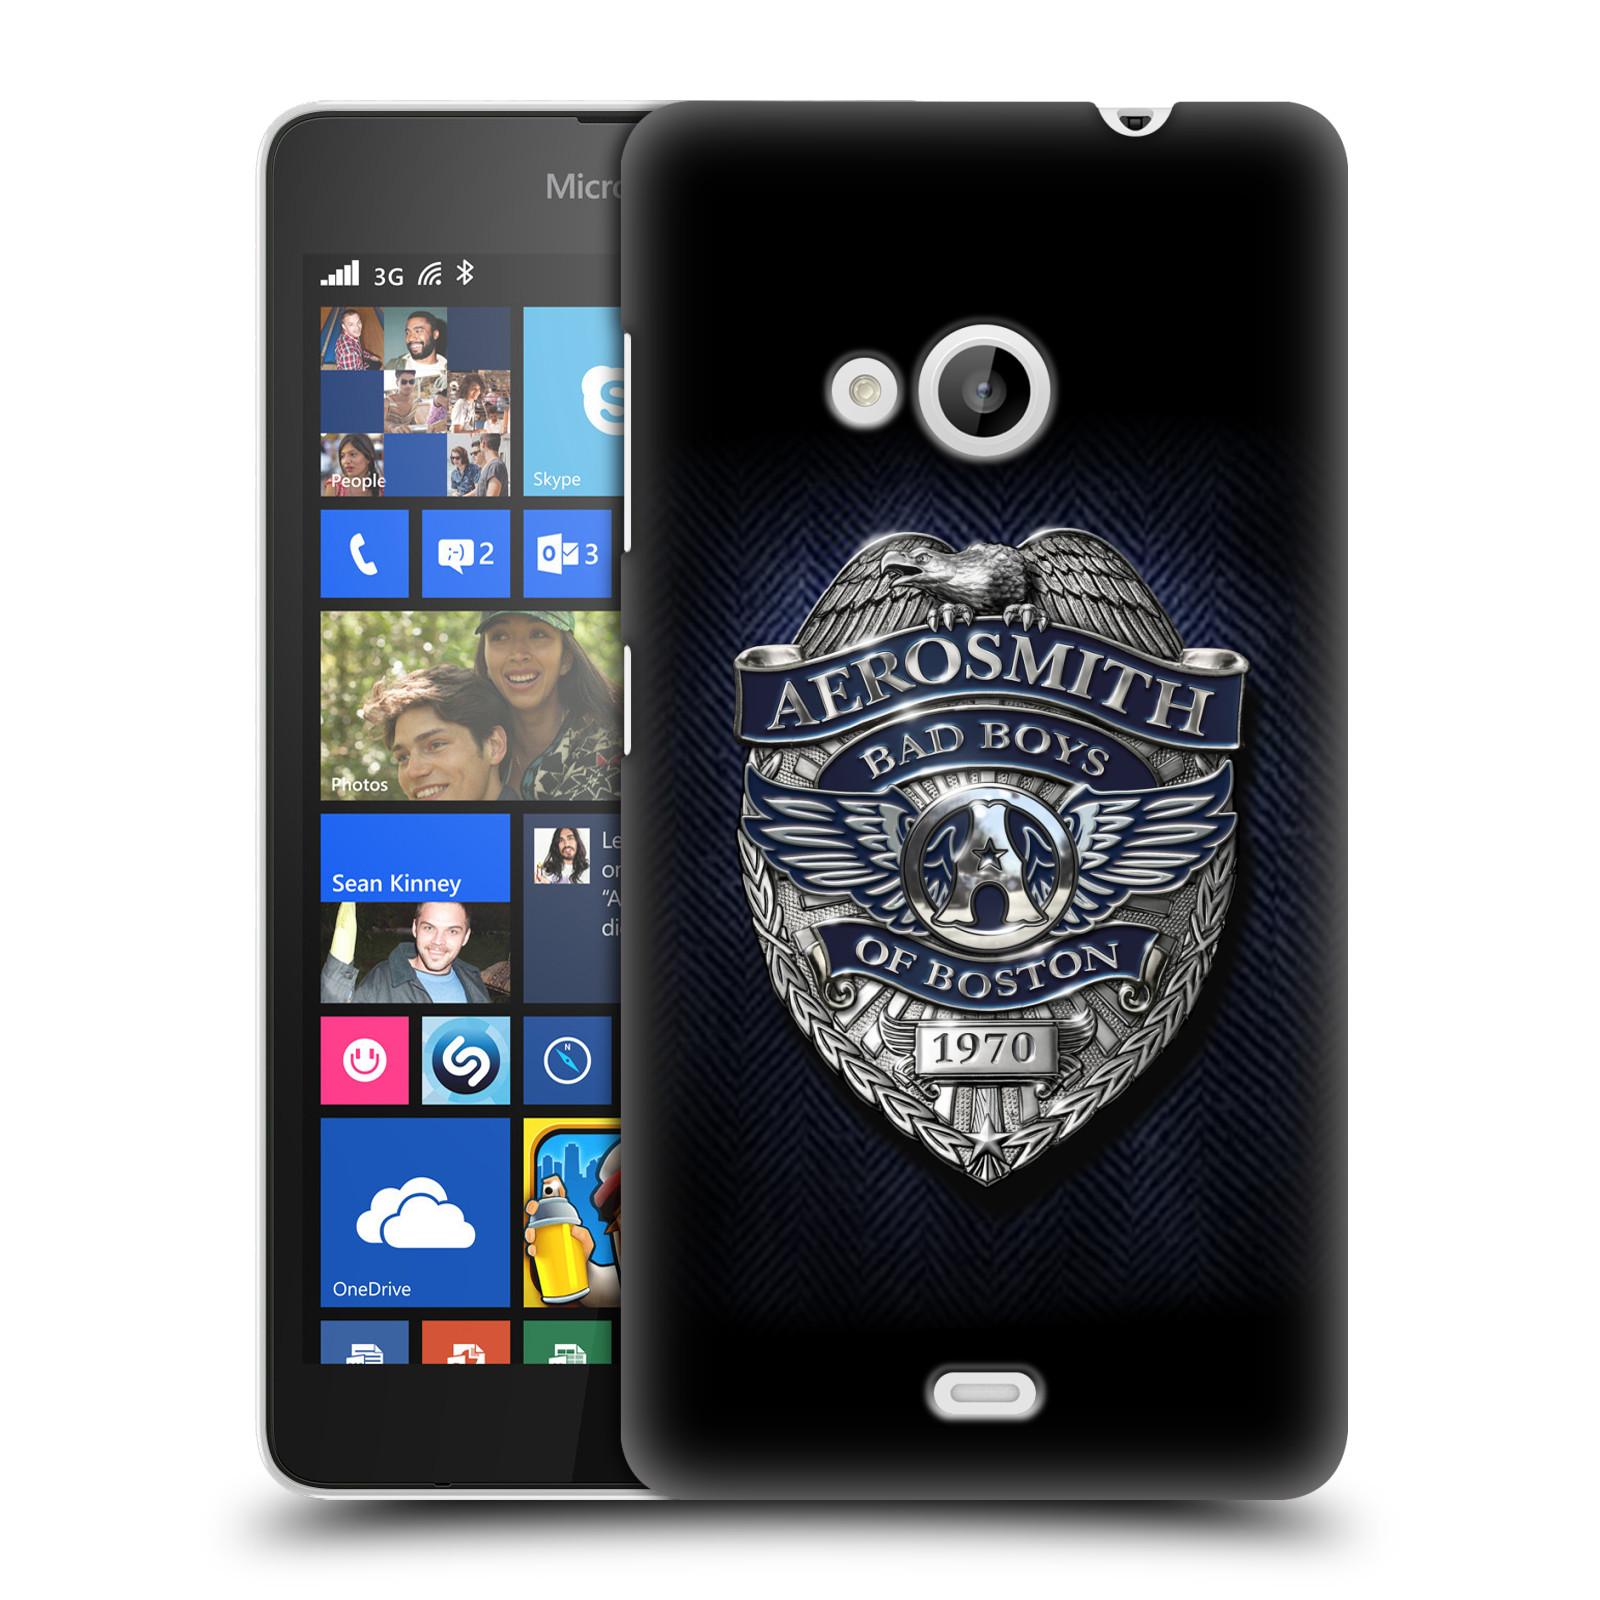 Plastové pouzdro na mobil Microsoft Lumia 535 HEAD CASE - Aerosmith - Bad Boys of Boston